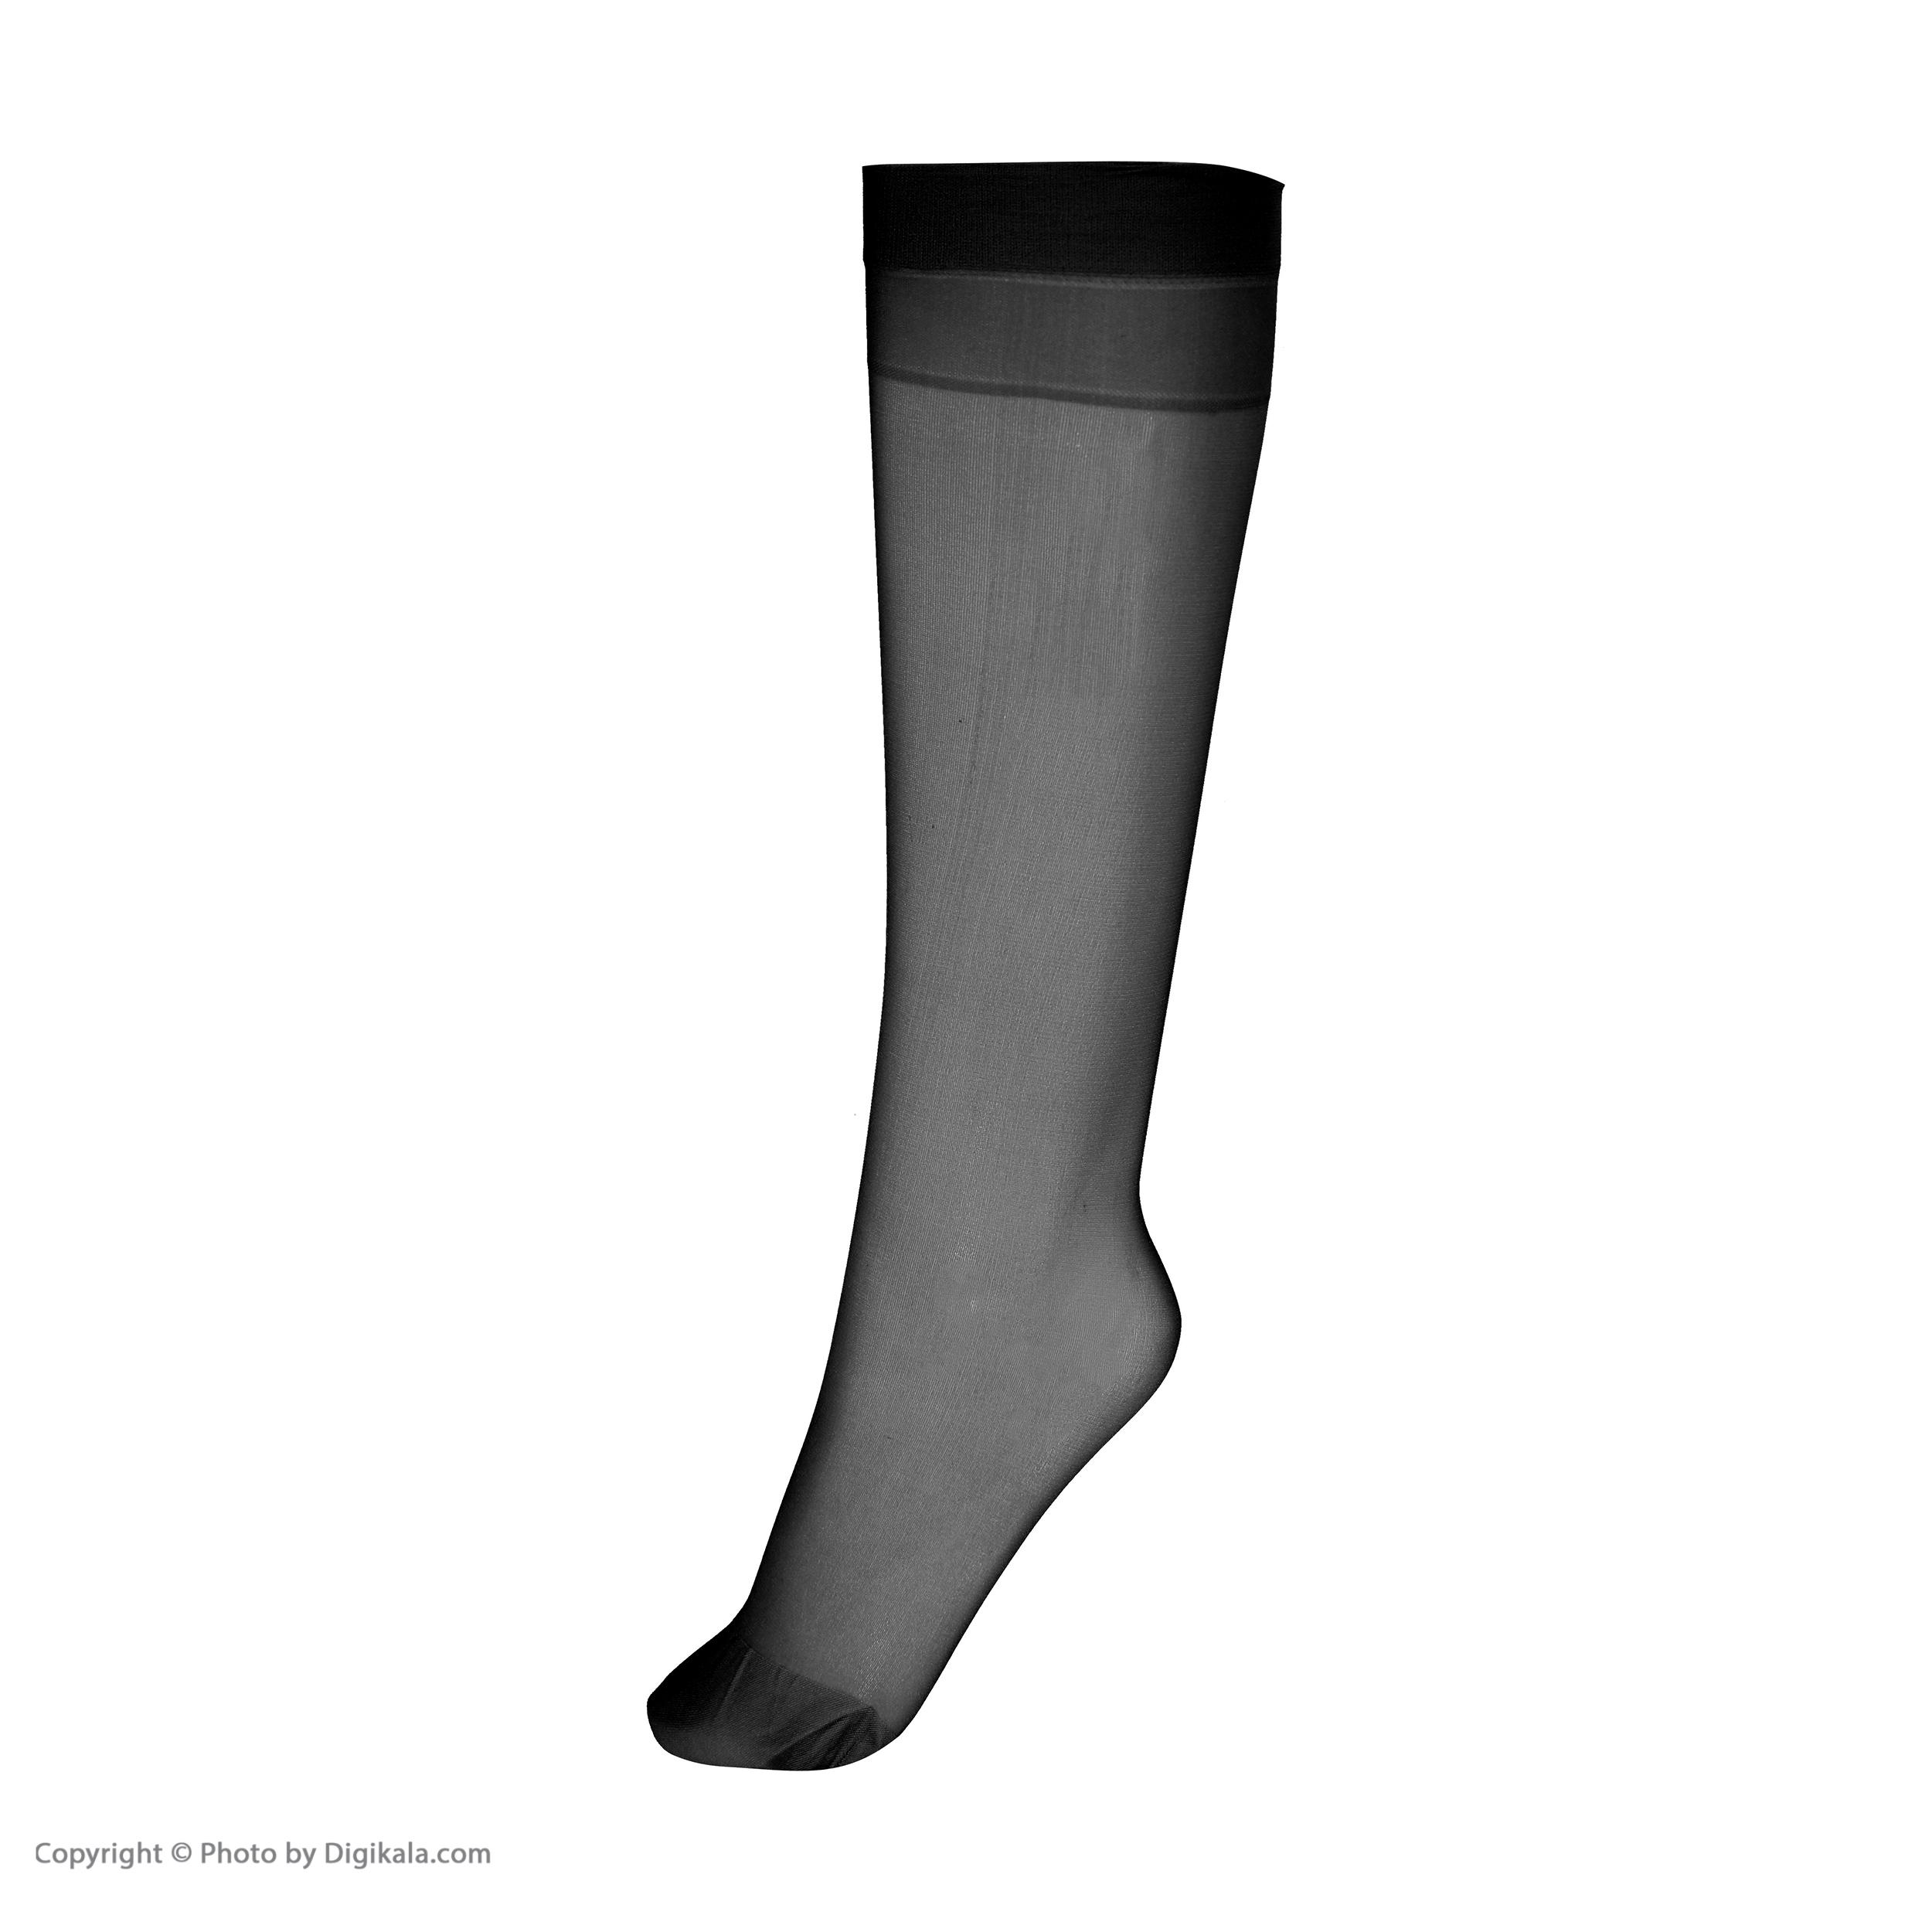 جوراب زنانه مدل GH-368 بسته 2 عددی main 1 3